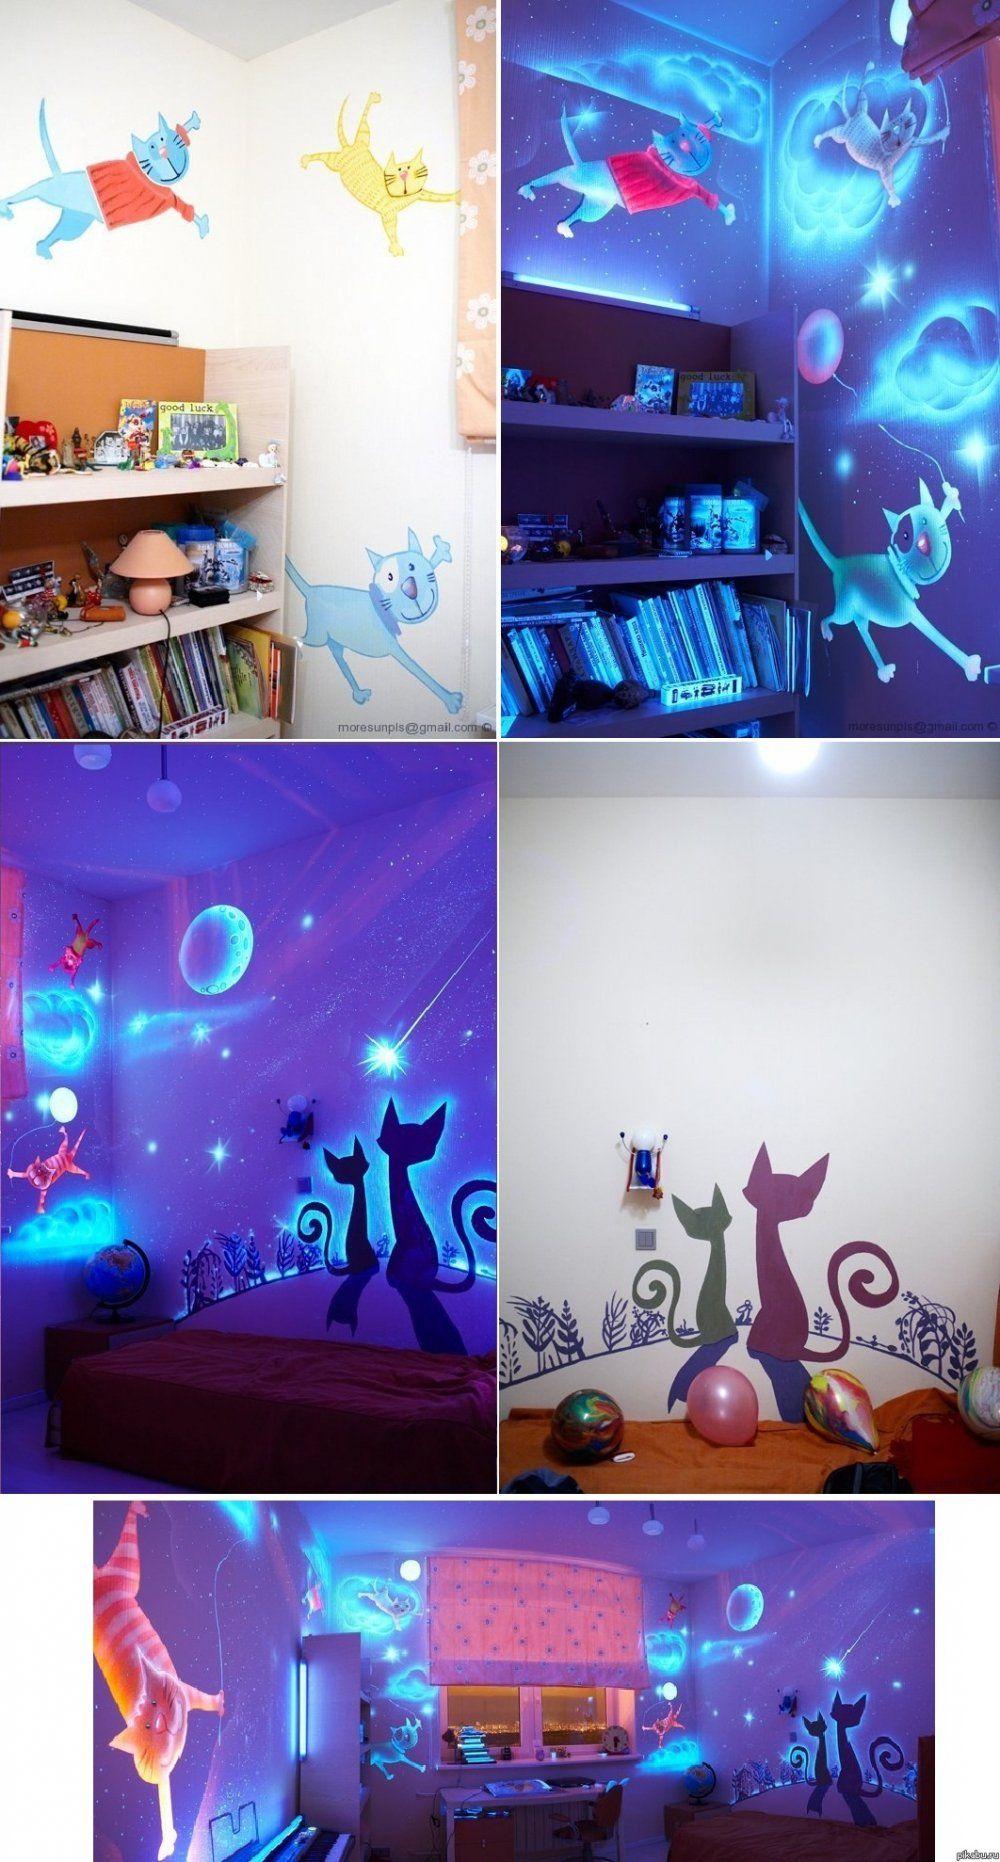 Pintura fluorescente invisible dise o con pintura for Decoracion de pintura